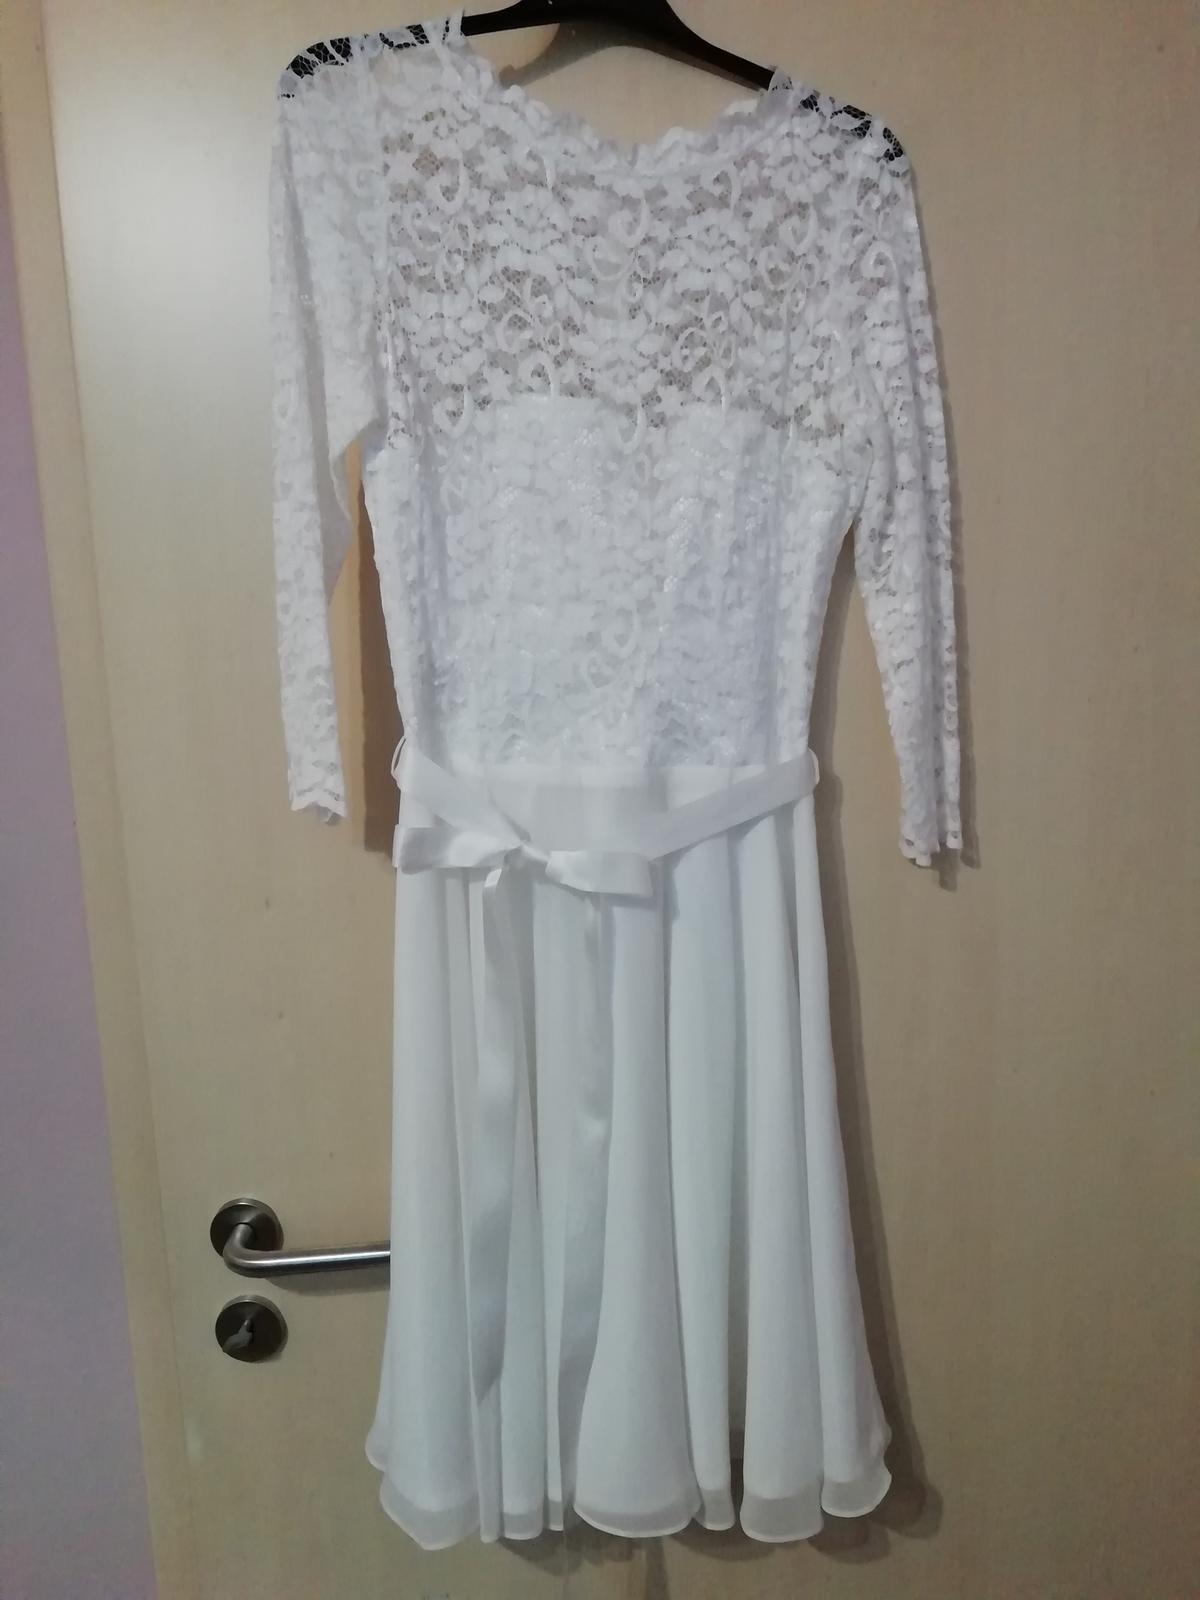 kratke svadobne šaty SWING - Obrázok č. 2